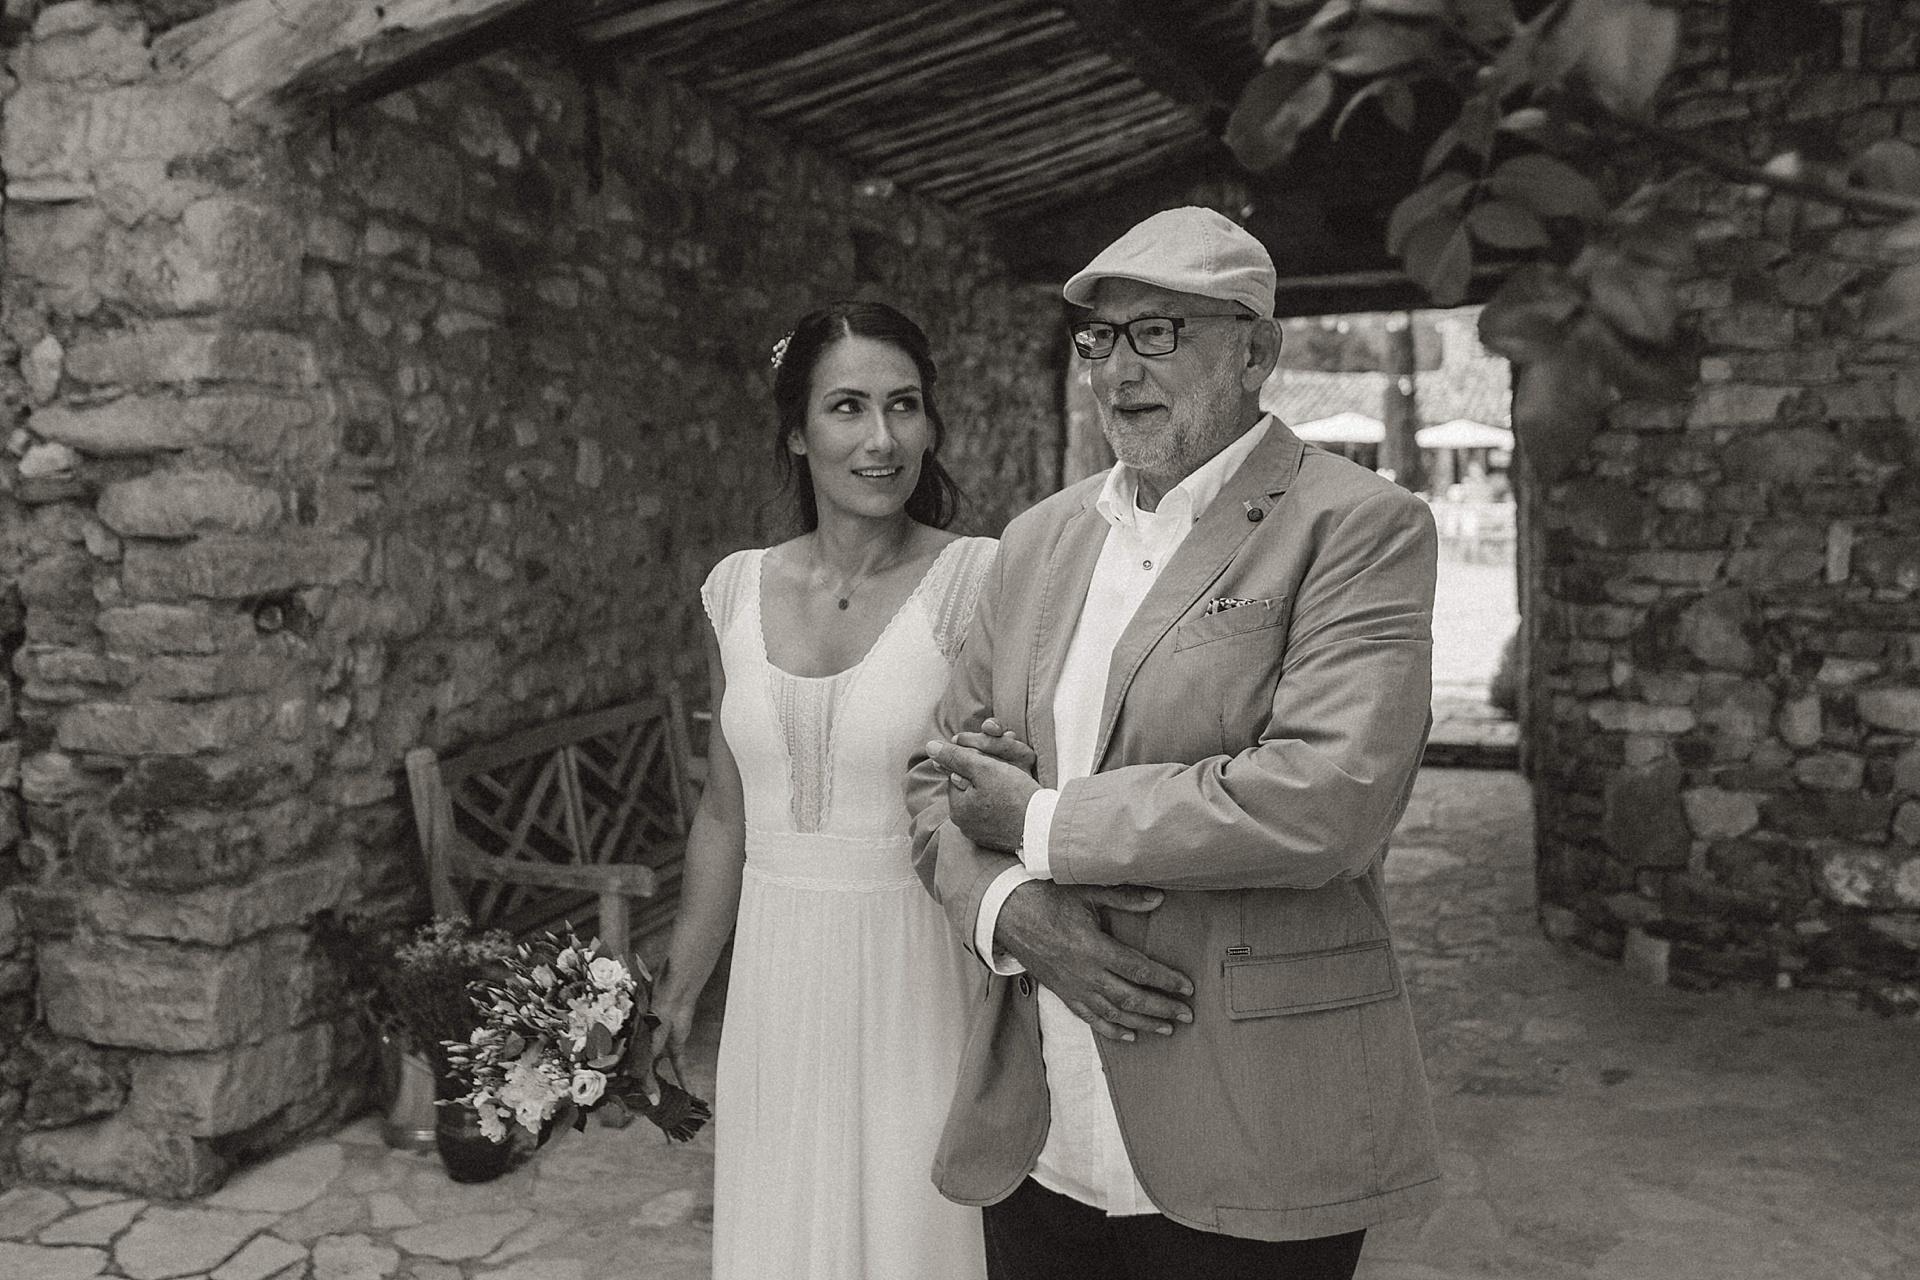 Traumhafte Hochzeit in der Provence. Der stolze Brautvater.